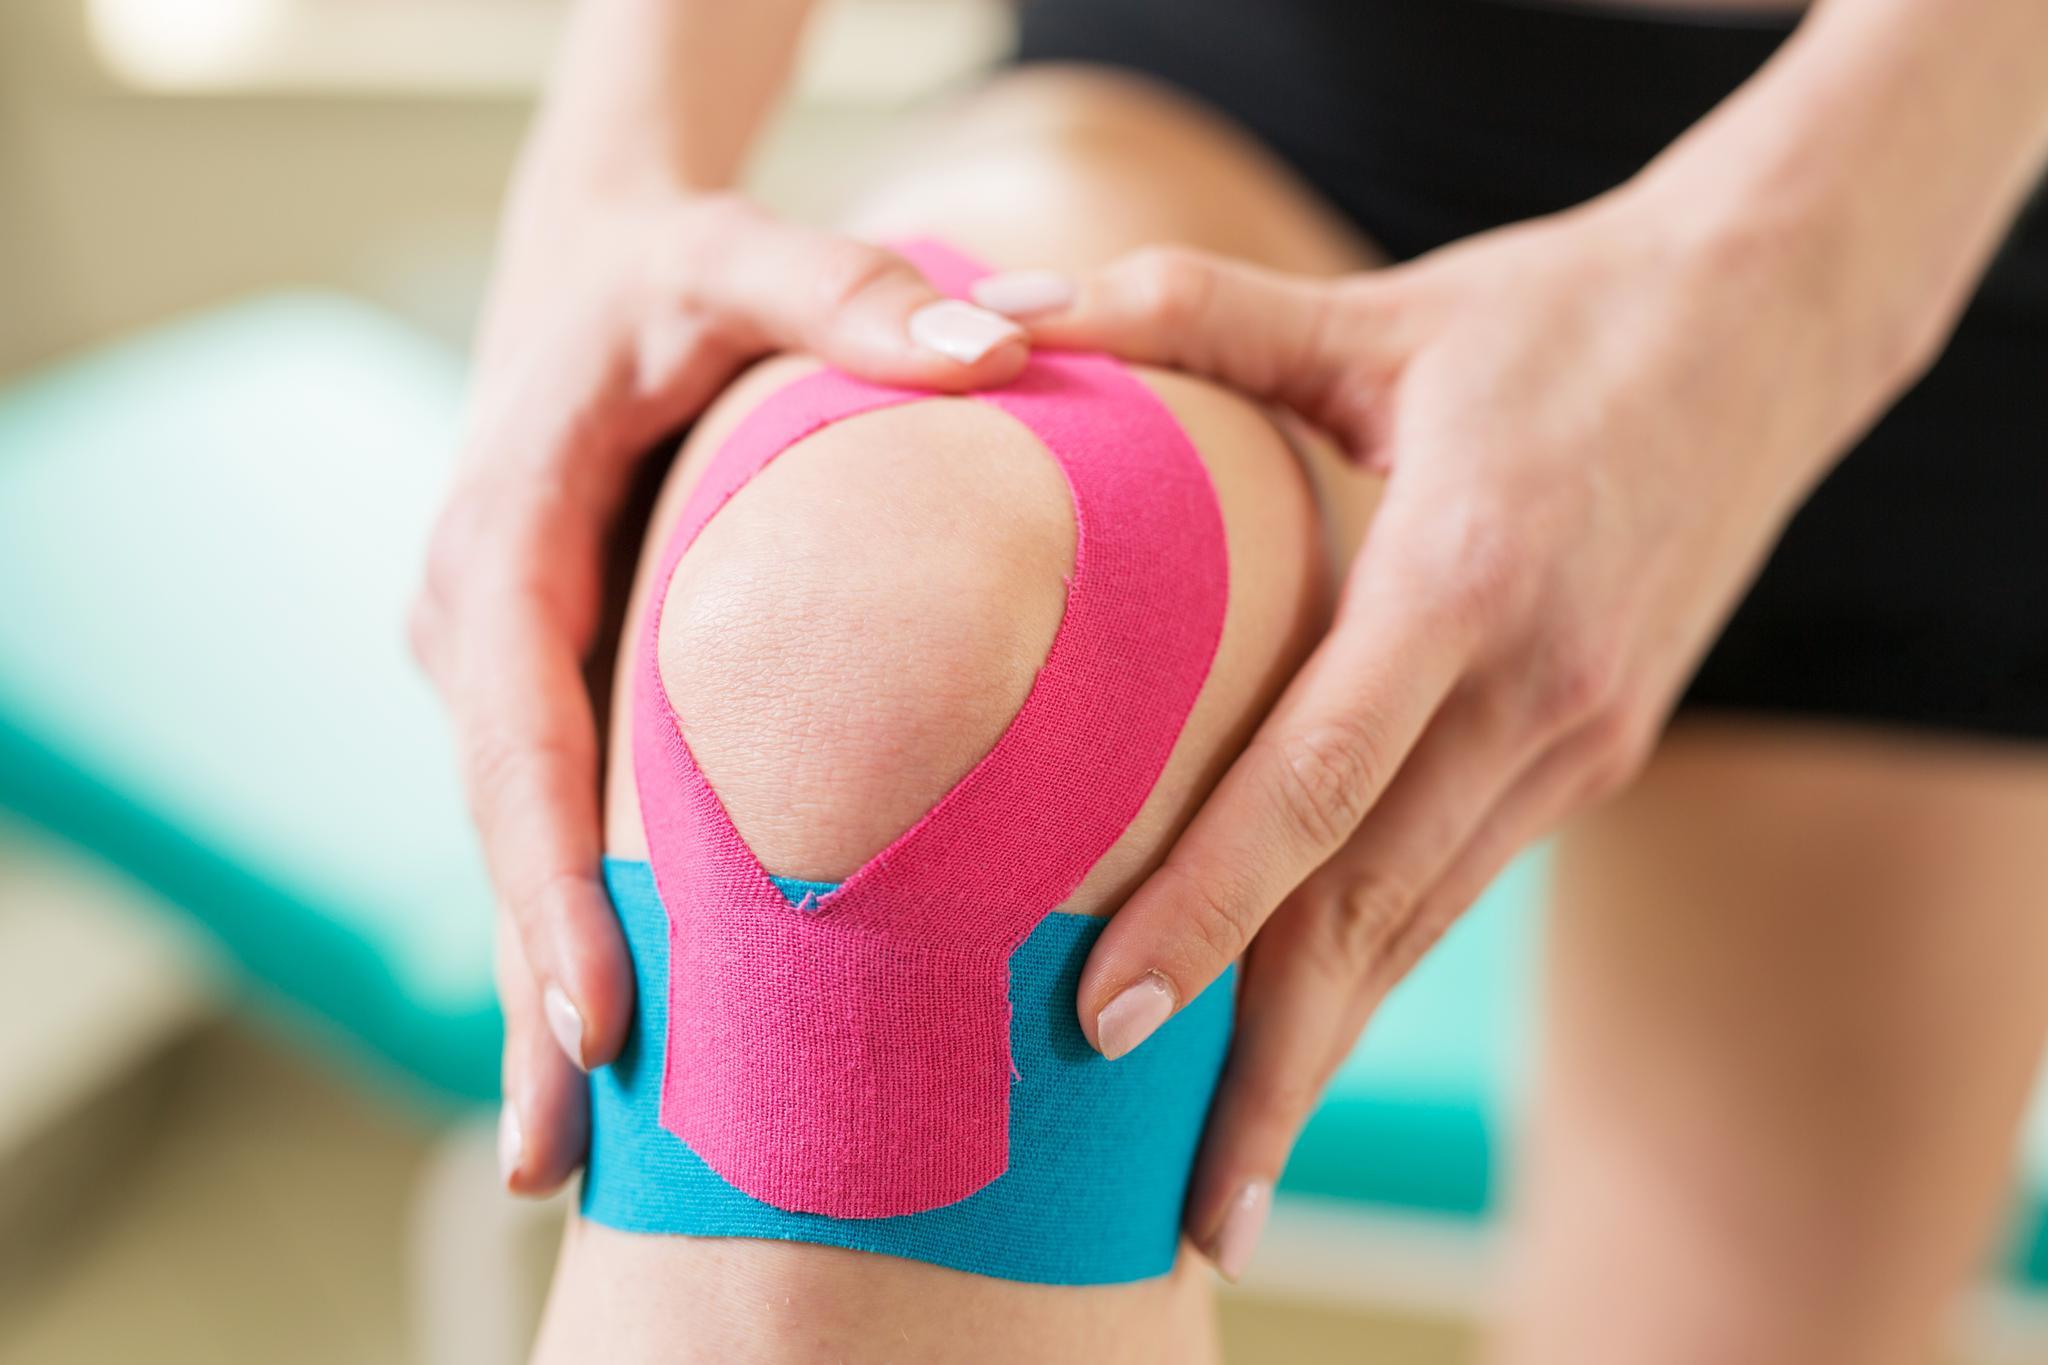 Knie mit Kinesiologie-Tape